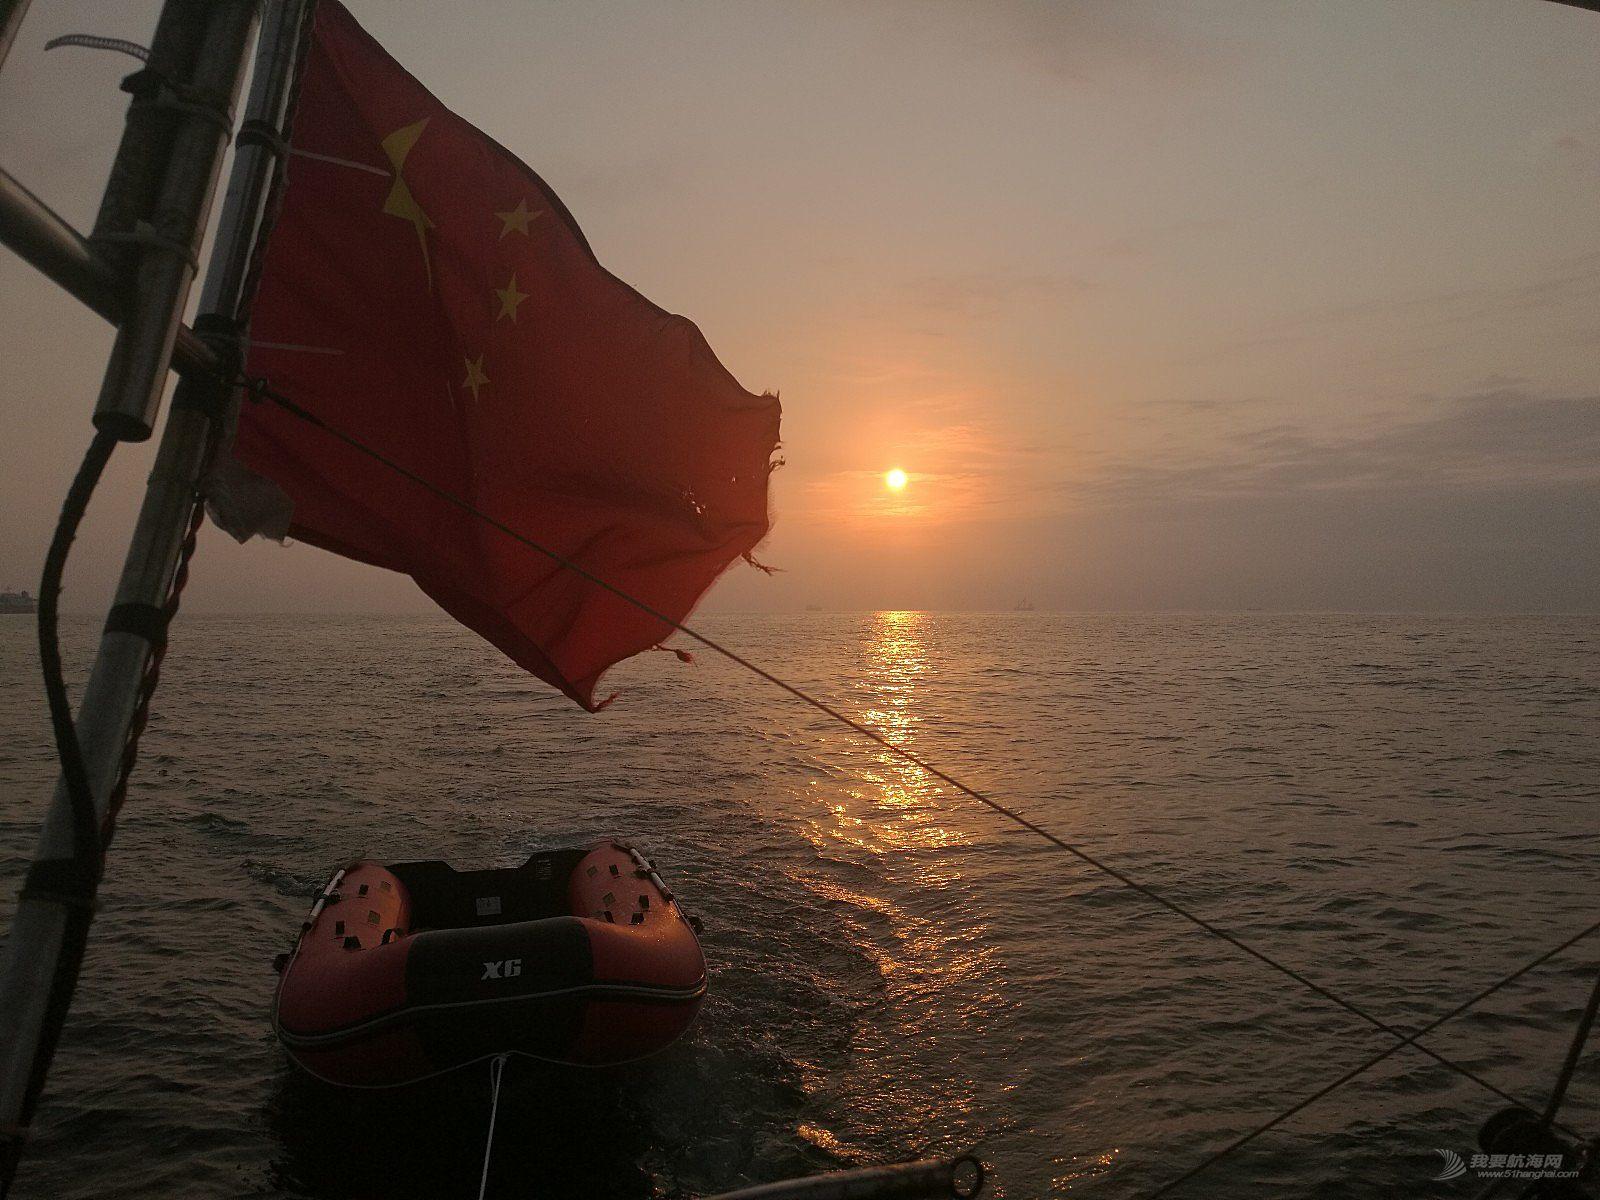 长风破浪会有时,直挂云帆济沧海——唐山号返航记(上篇)